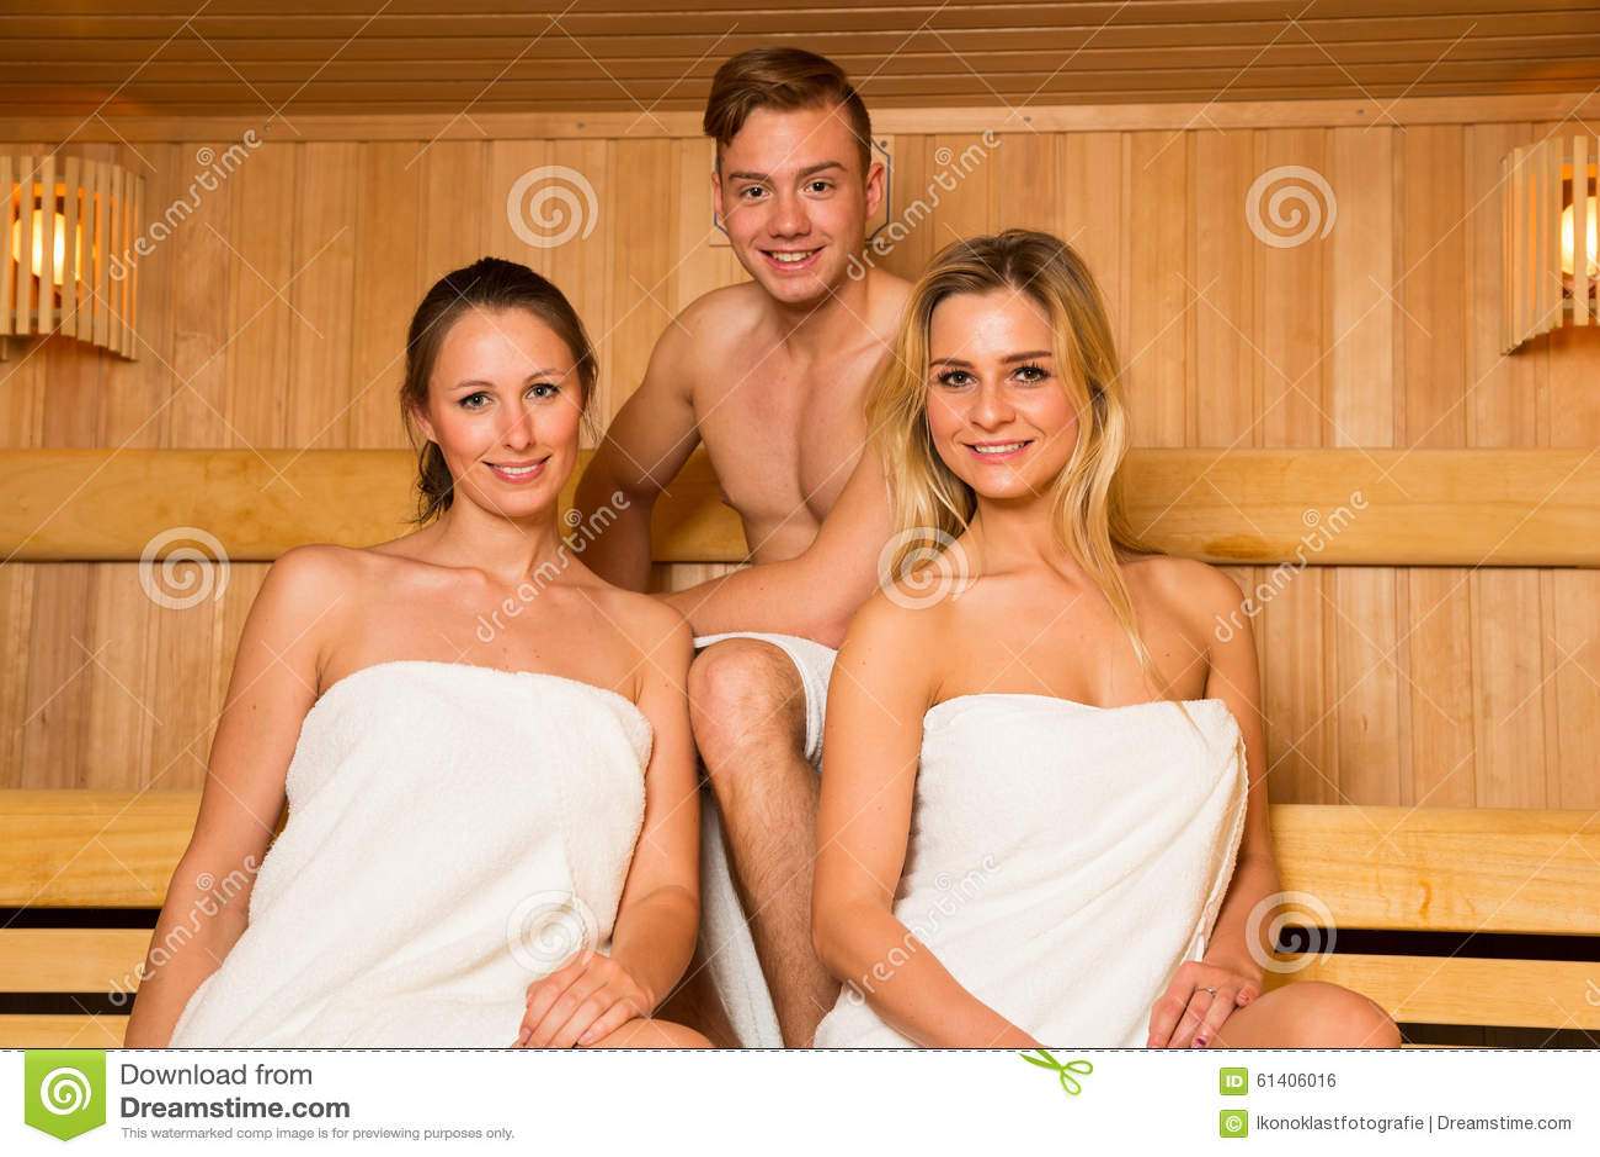 zwei frauen und ein mann die in der sauna aufwerfen stockfoto bild von freizeit vergn gen. Black Bedroom Furniture Sets. Home Design Ideas